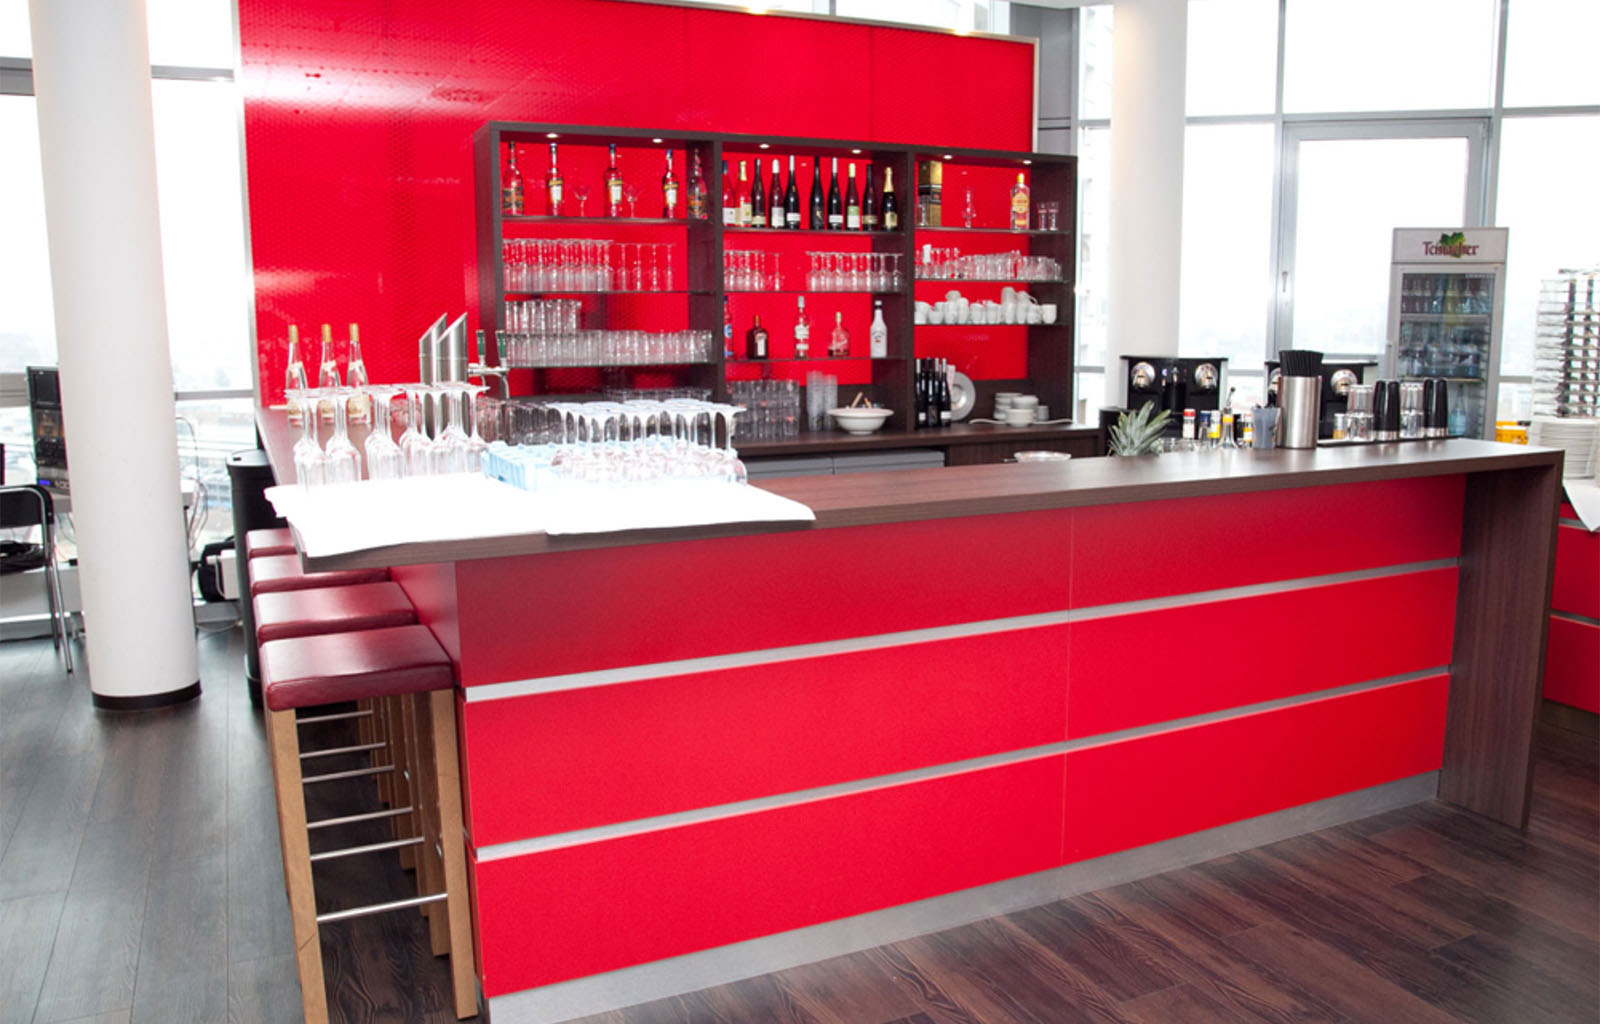 Hospitality Club-Lounge 100